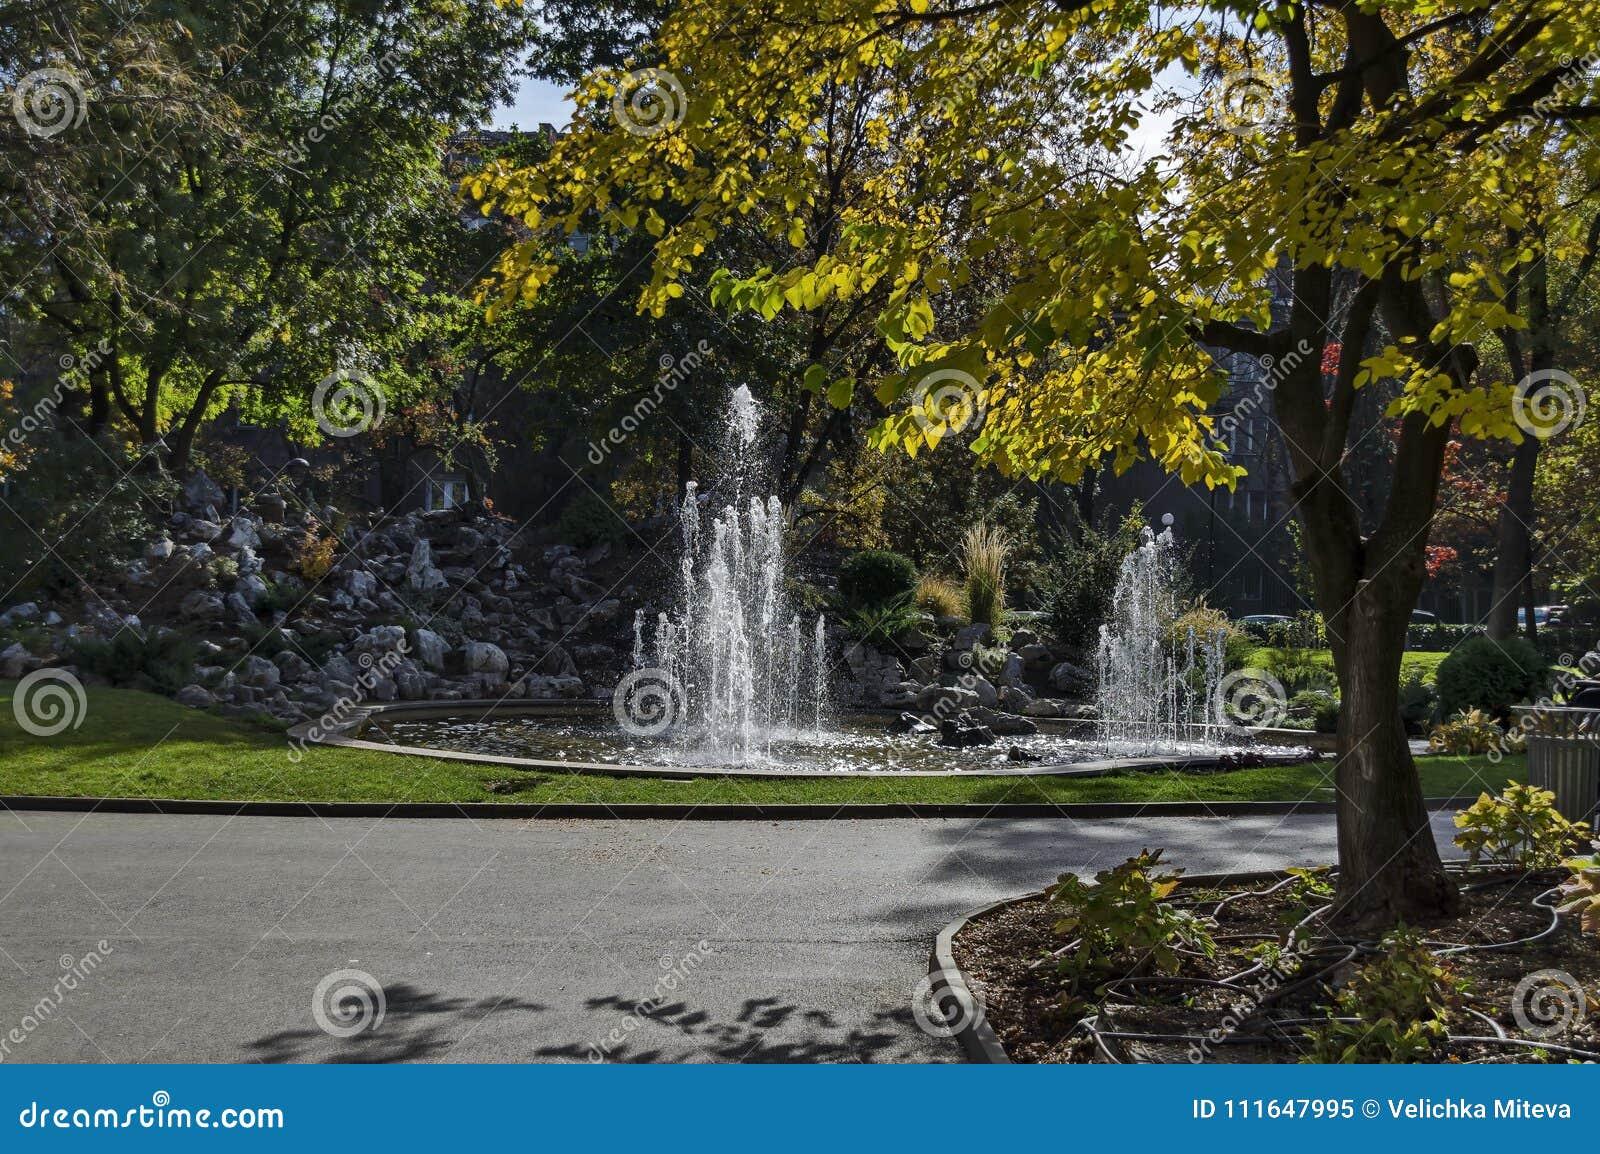 Grupo De Las Pequenas Fuentes De Agua Que Fluyen En Jardin De - Fuentes-agua-jardin